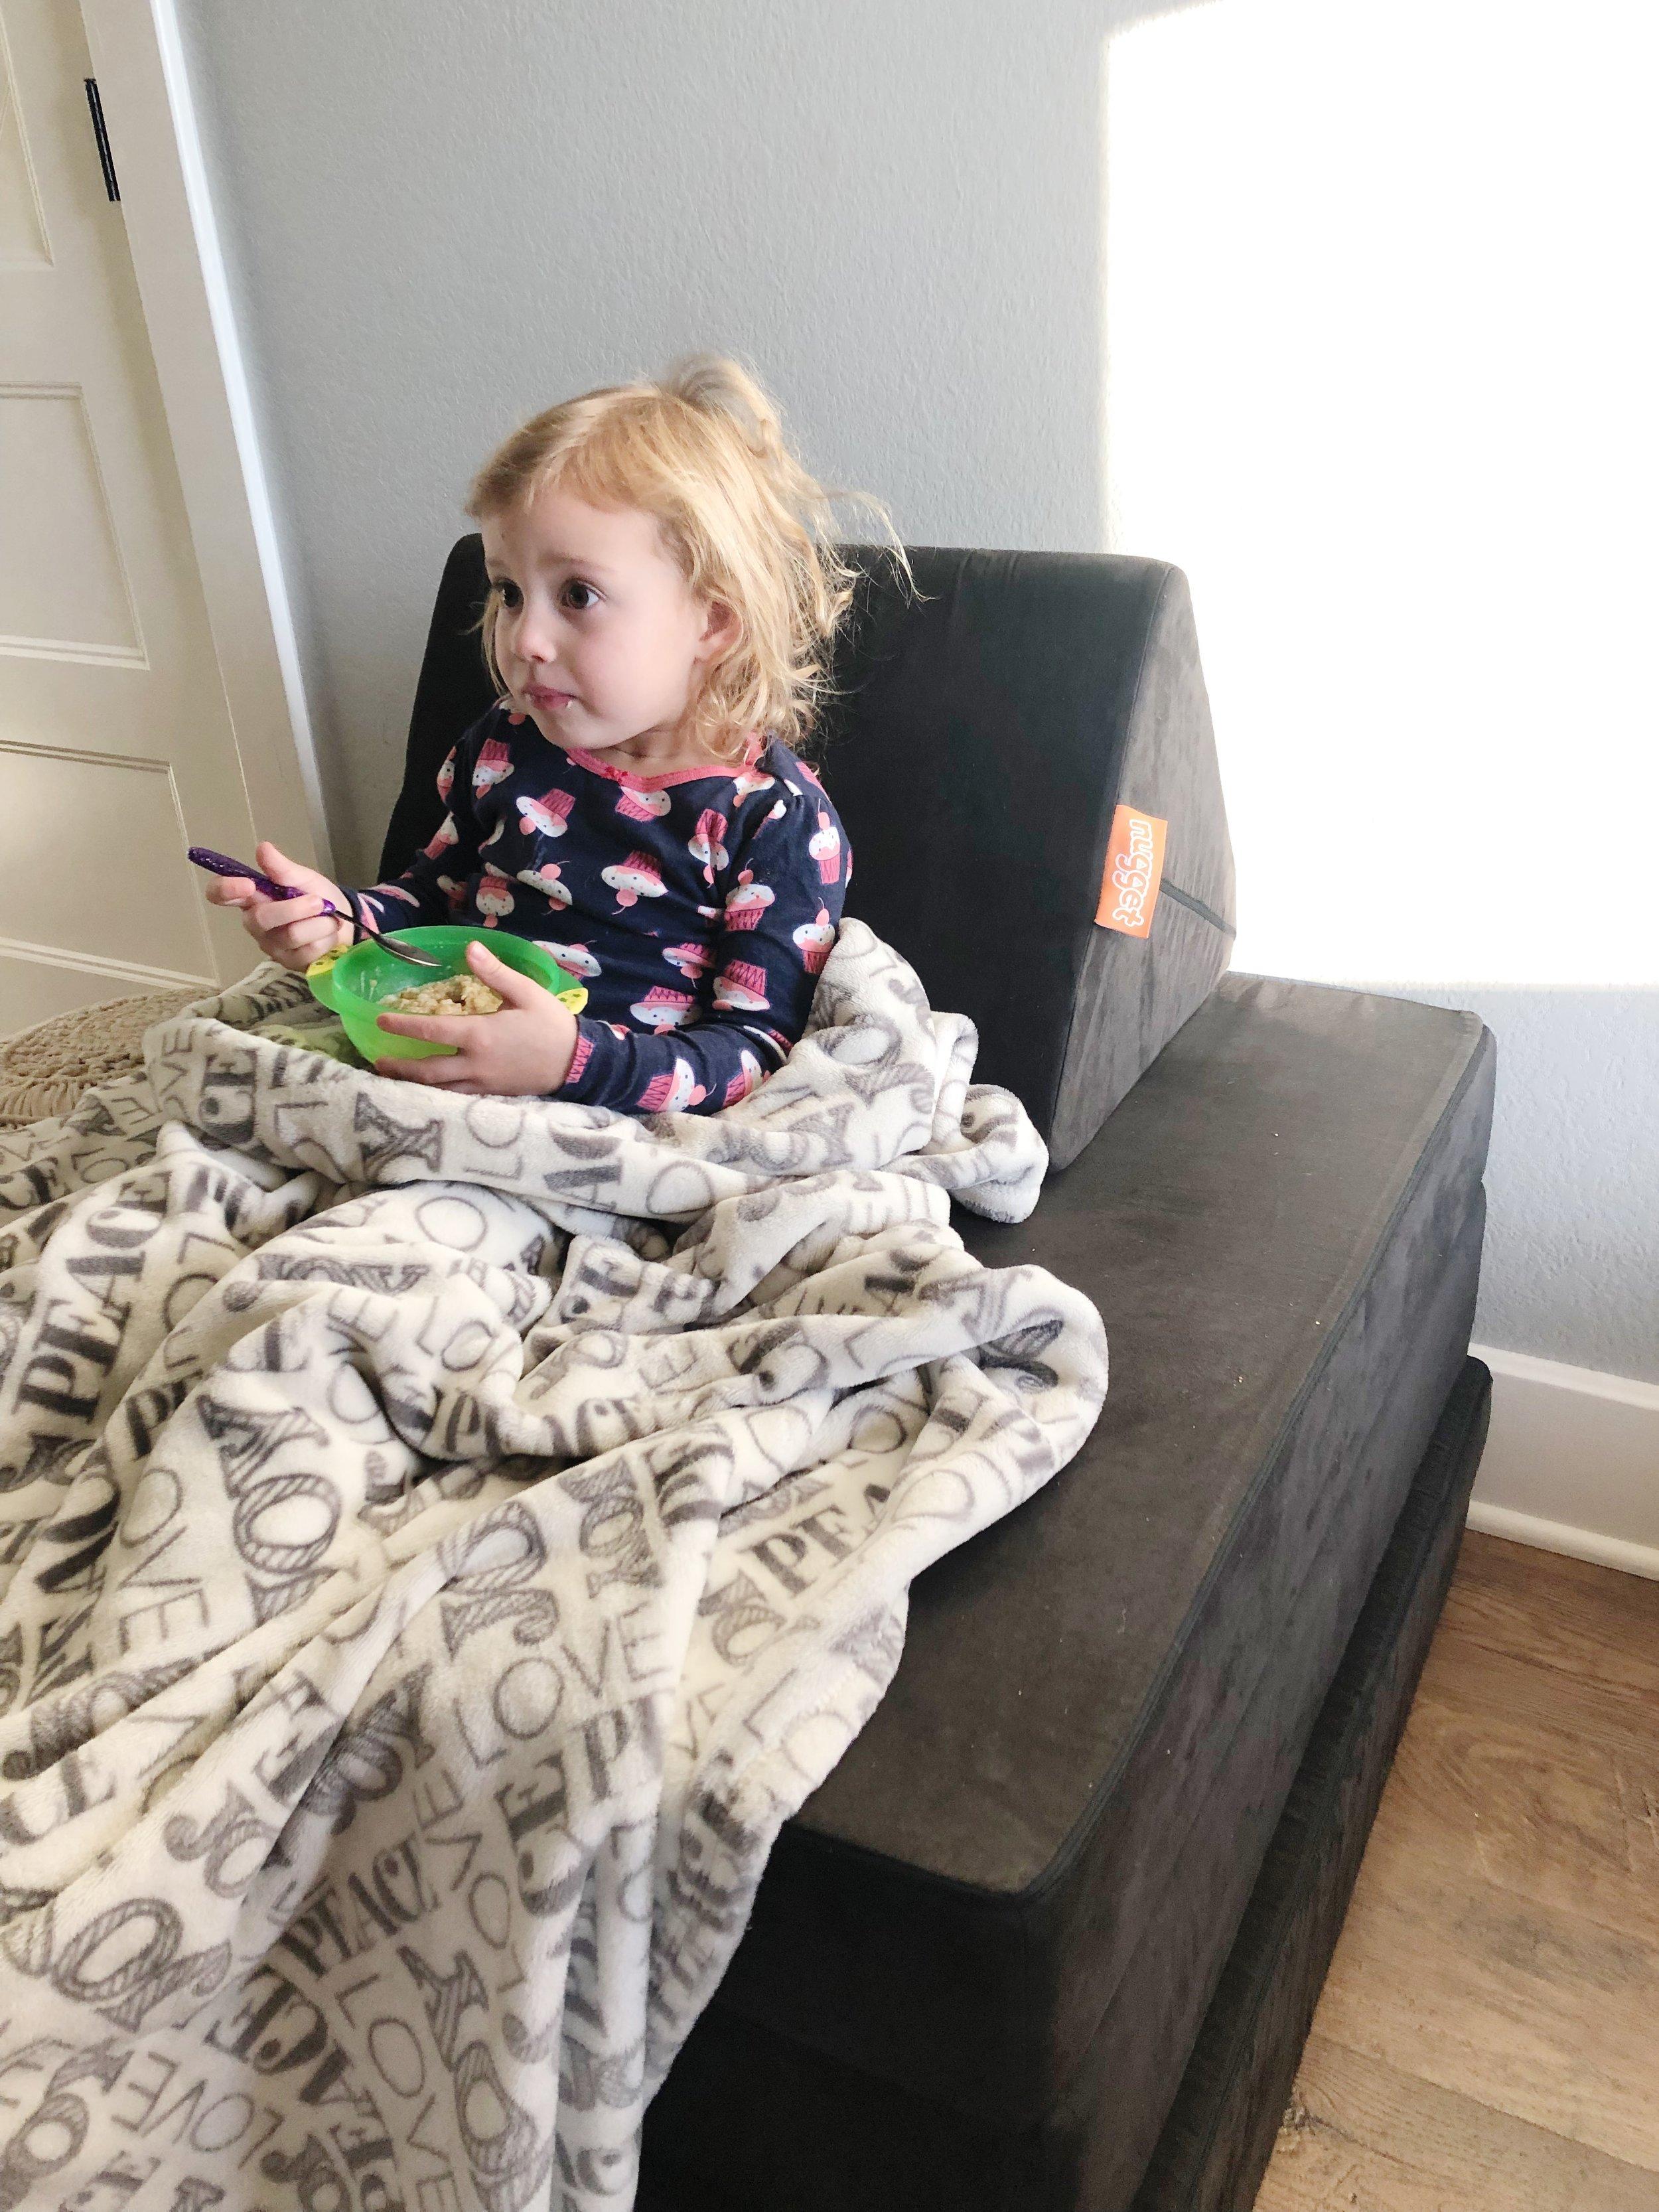 nugget-comfort-kid-eating.jpg